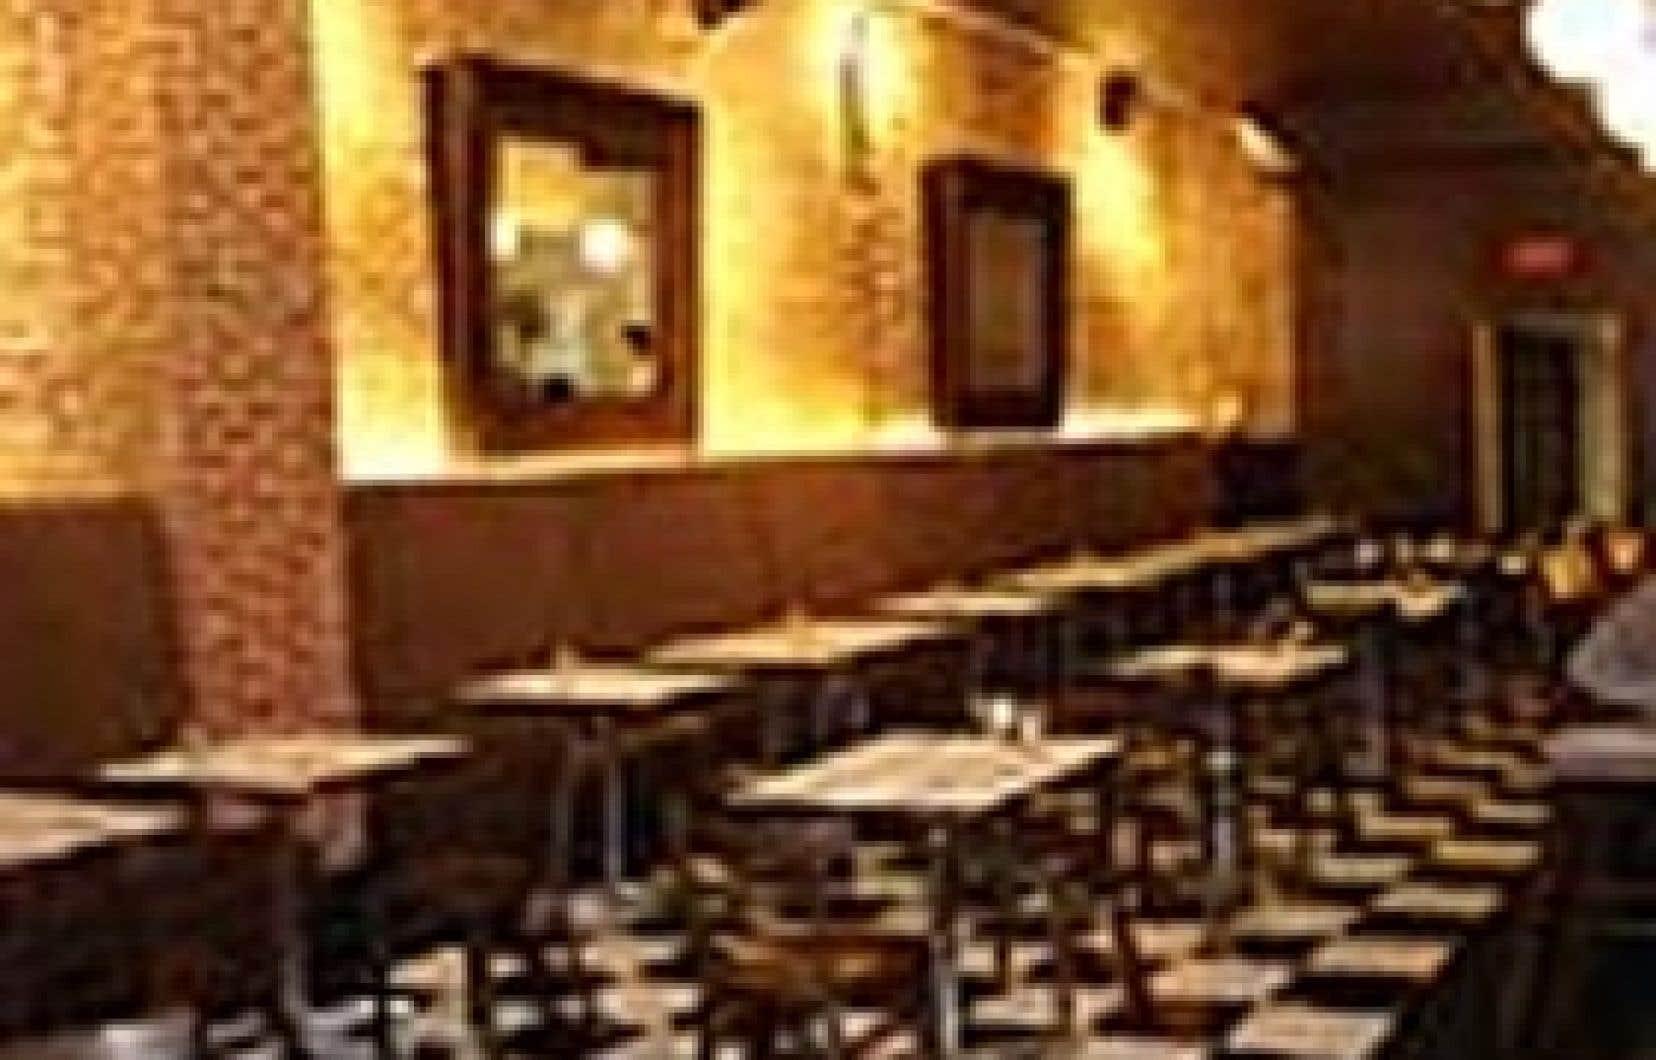 Moins bruyant que le midi, le local tout en longueur du restaurant Les Bossus paraît aussi plus chaleureux le soir.